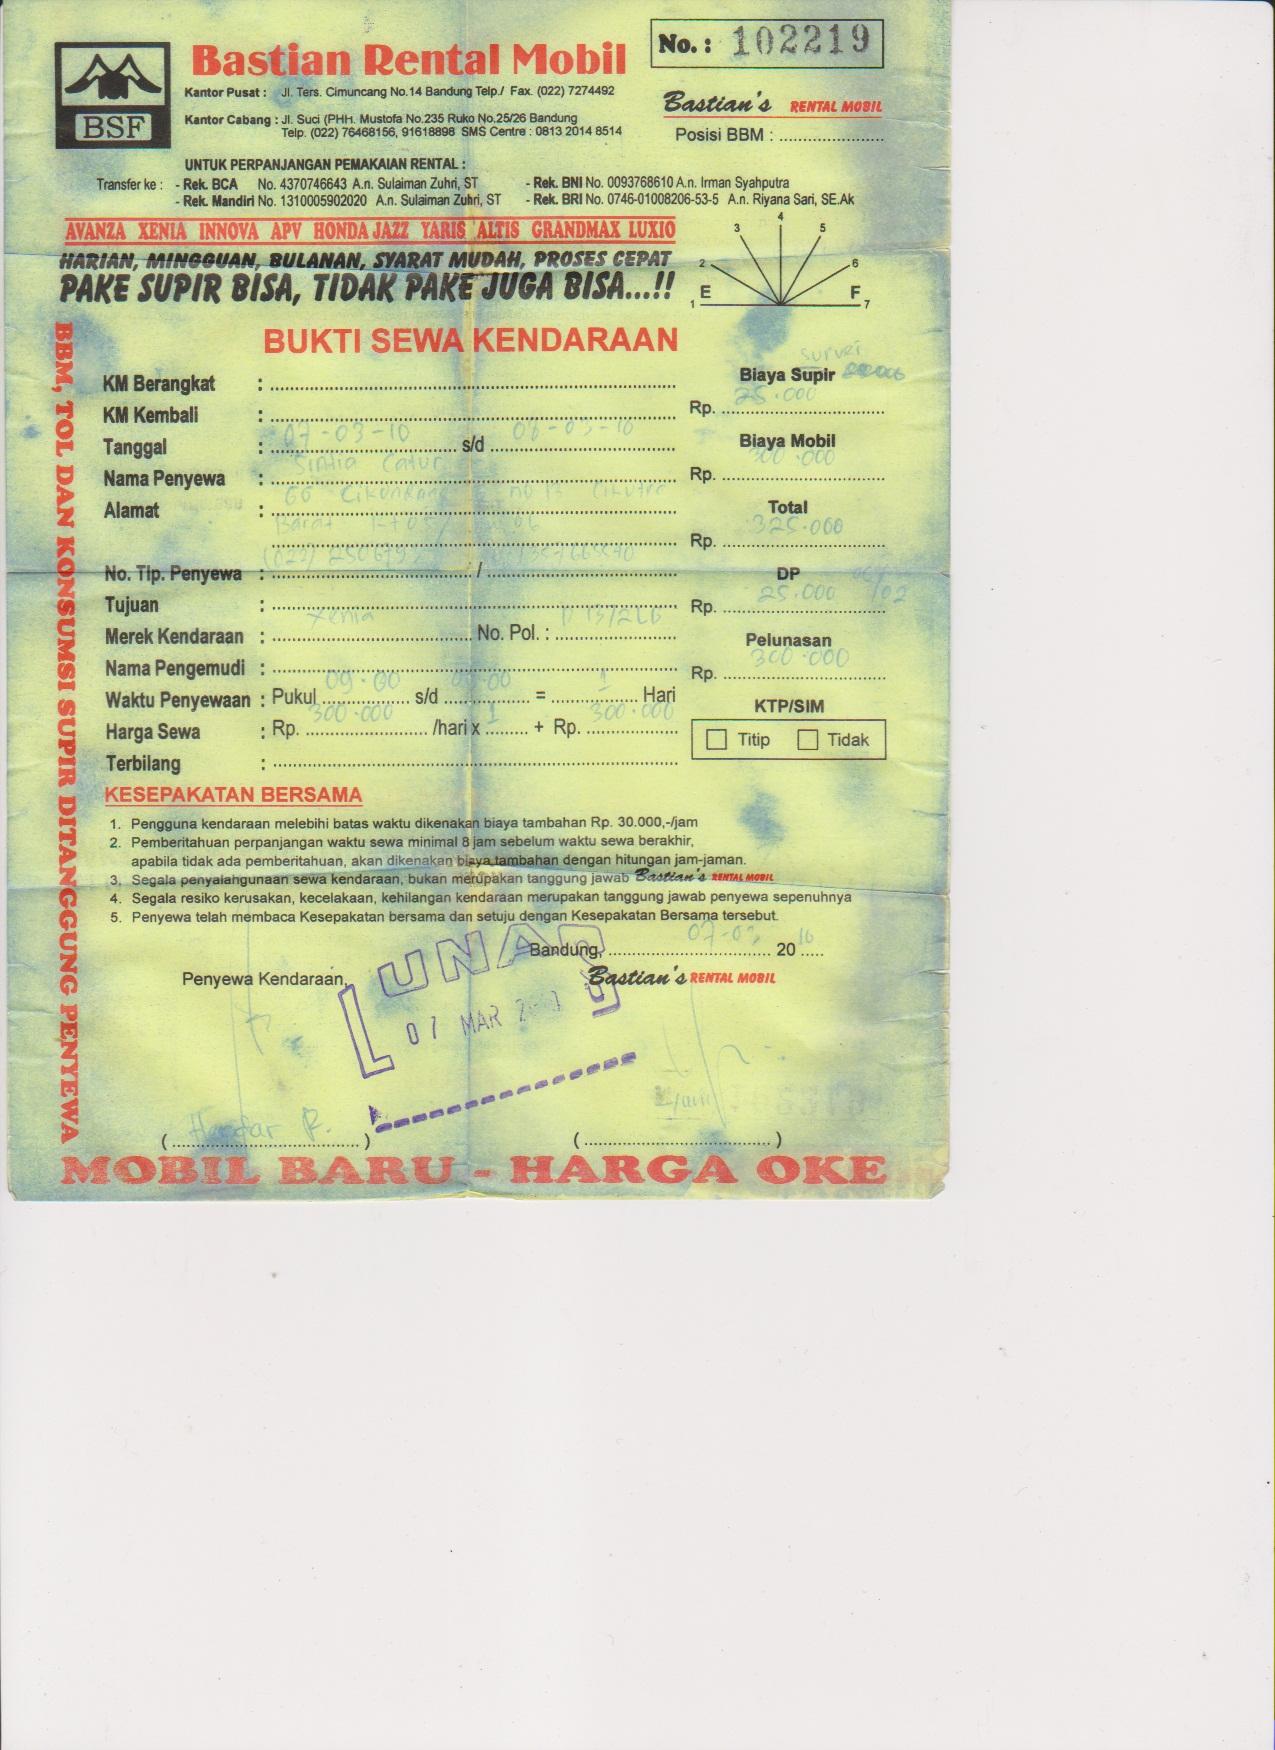 Tampilan Petugas Dokumen Rental